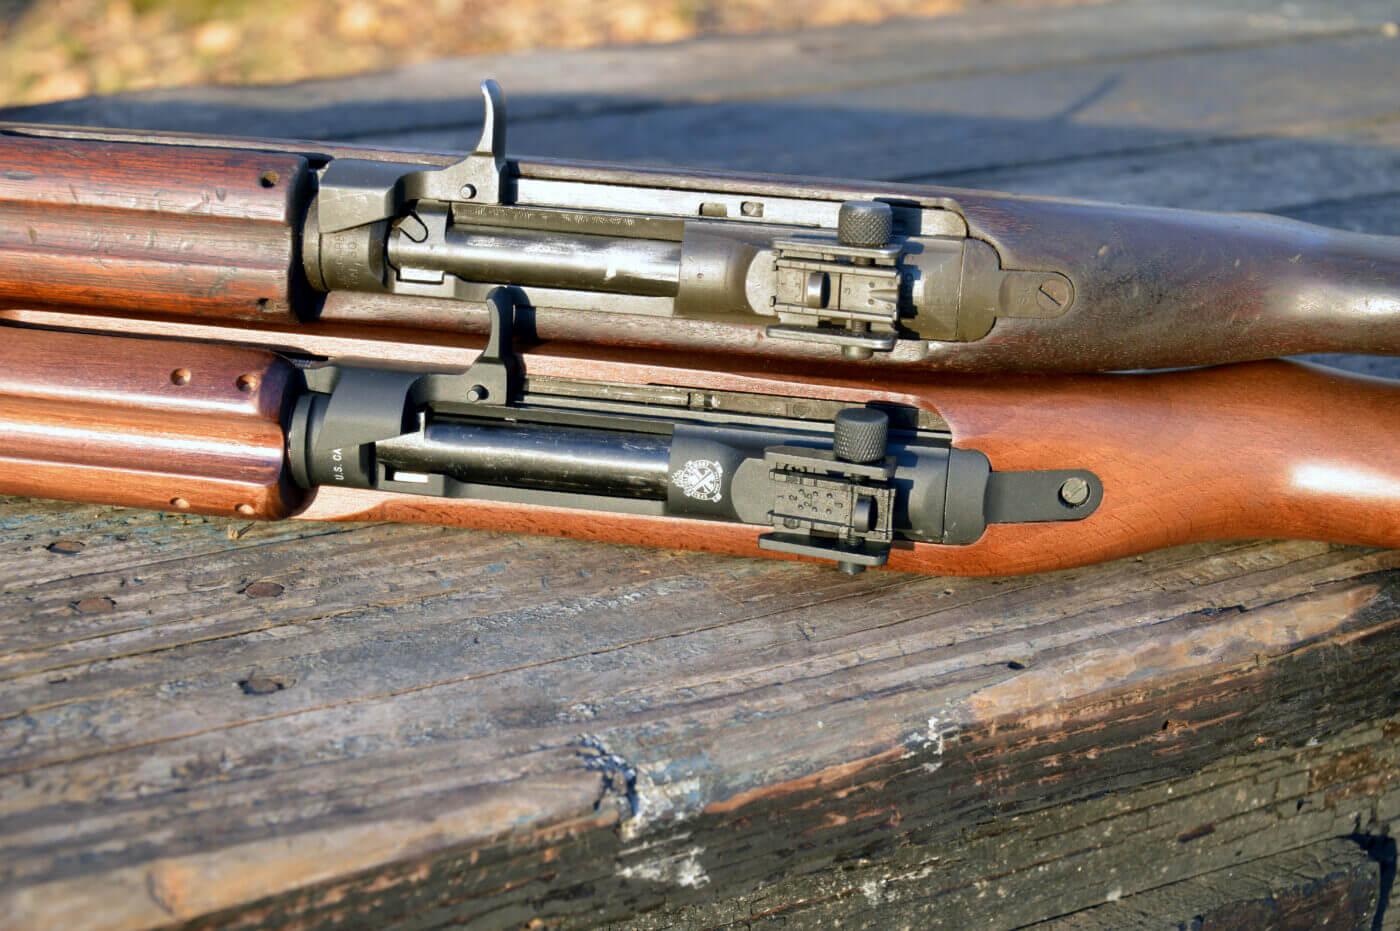 Action comparison of M1 Carbine and M1 Carbine BB gun